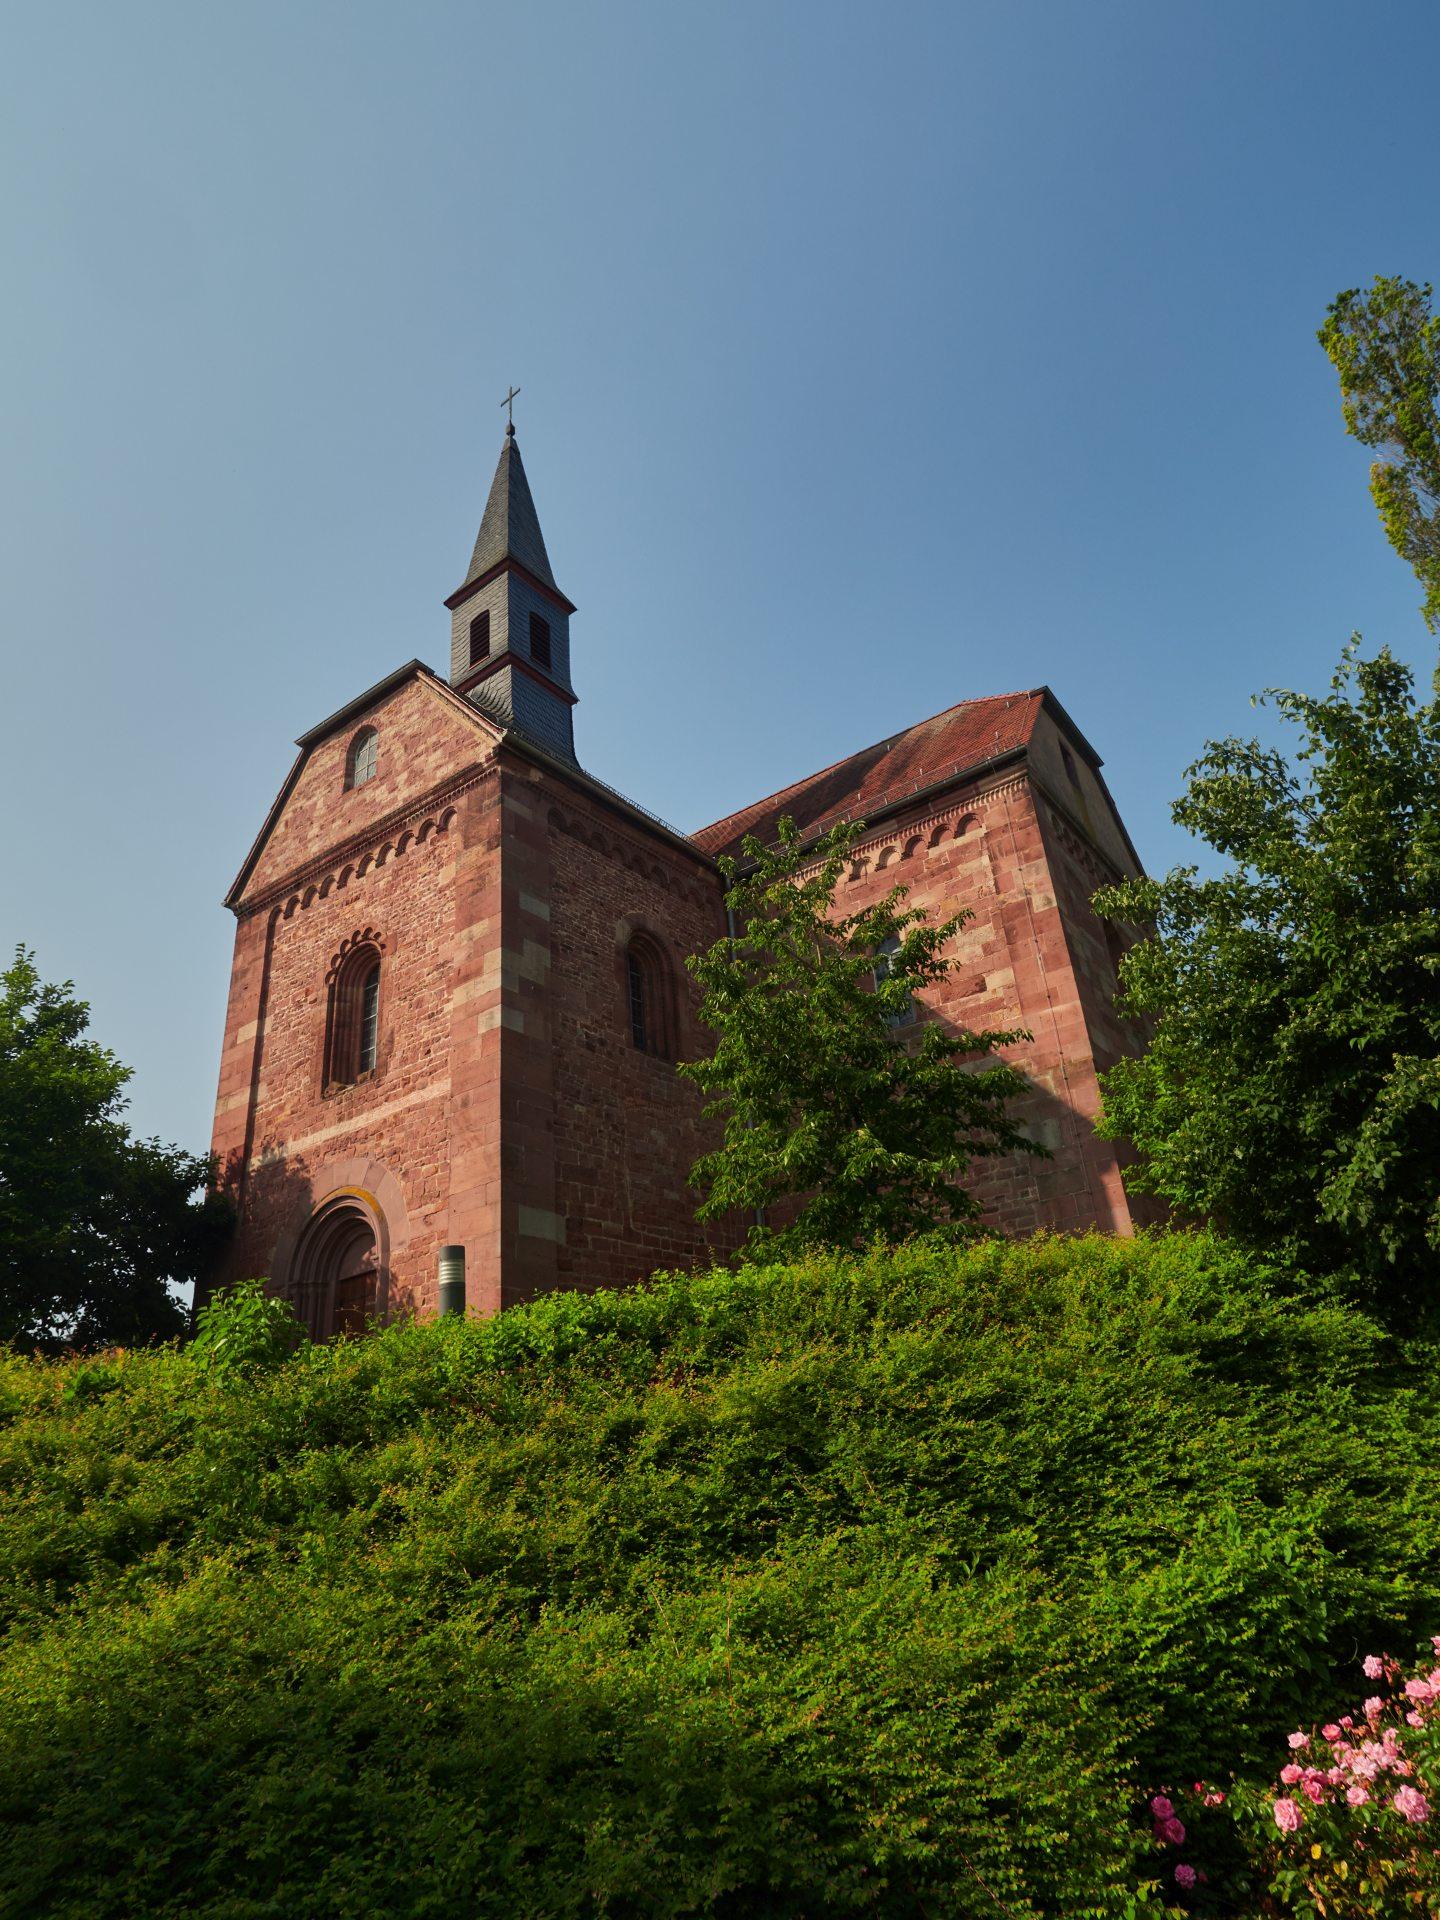 Klosterkirche Lobenfeld — ich war wohl zu früh, denn es war geschlossen